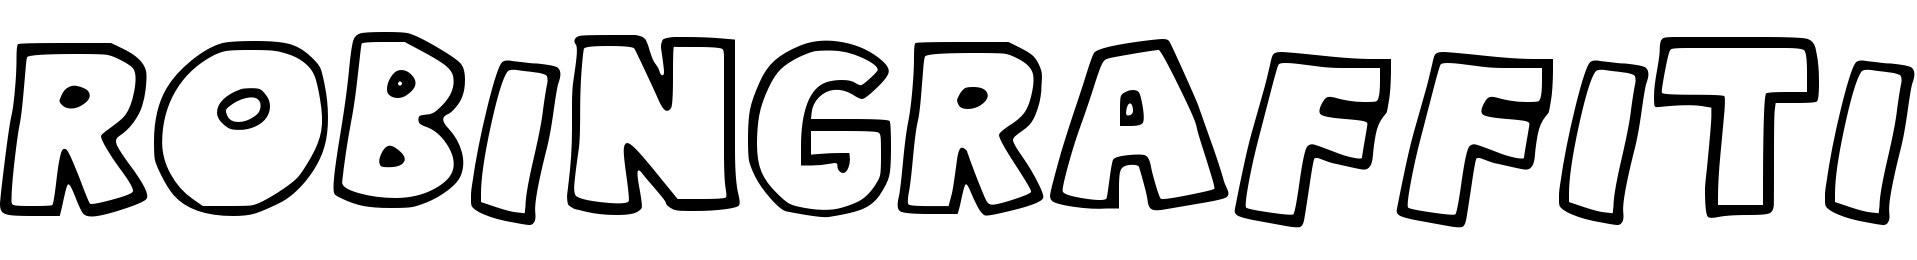 RobinGraffiti